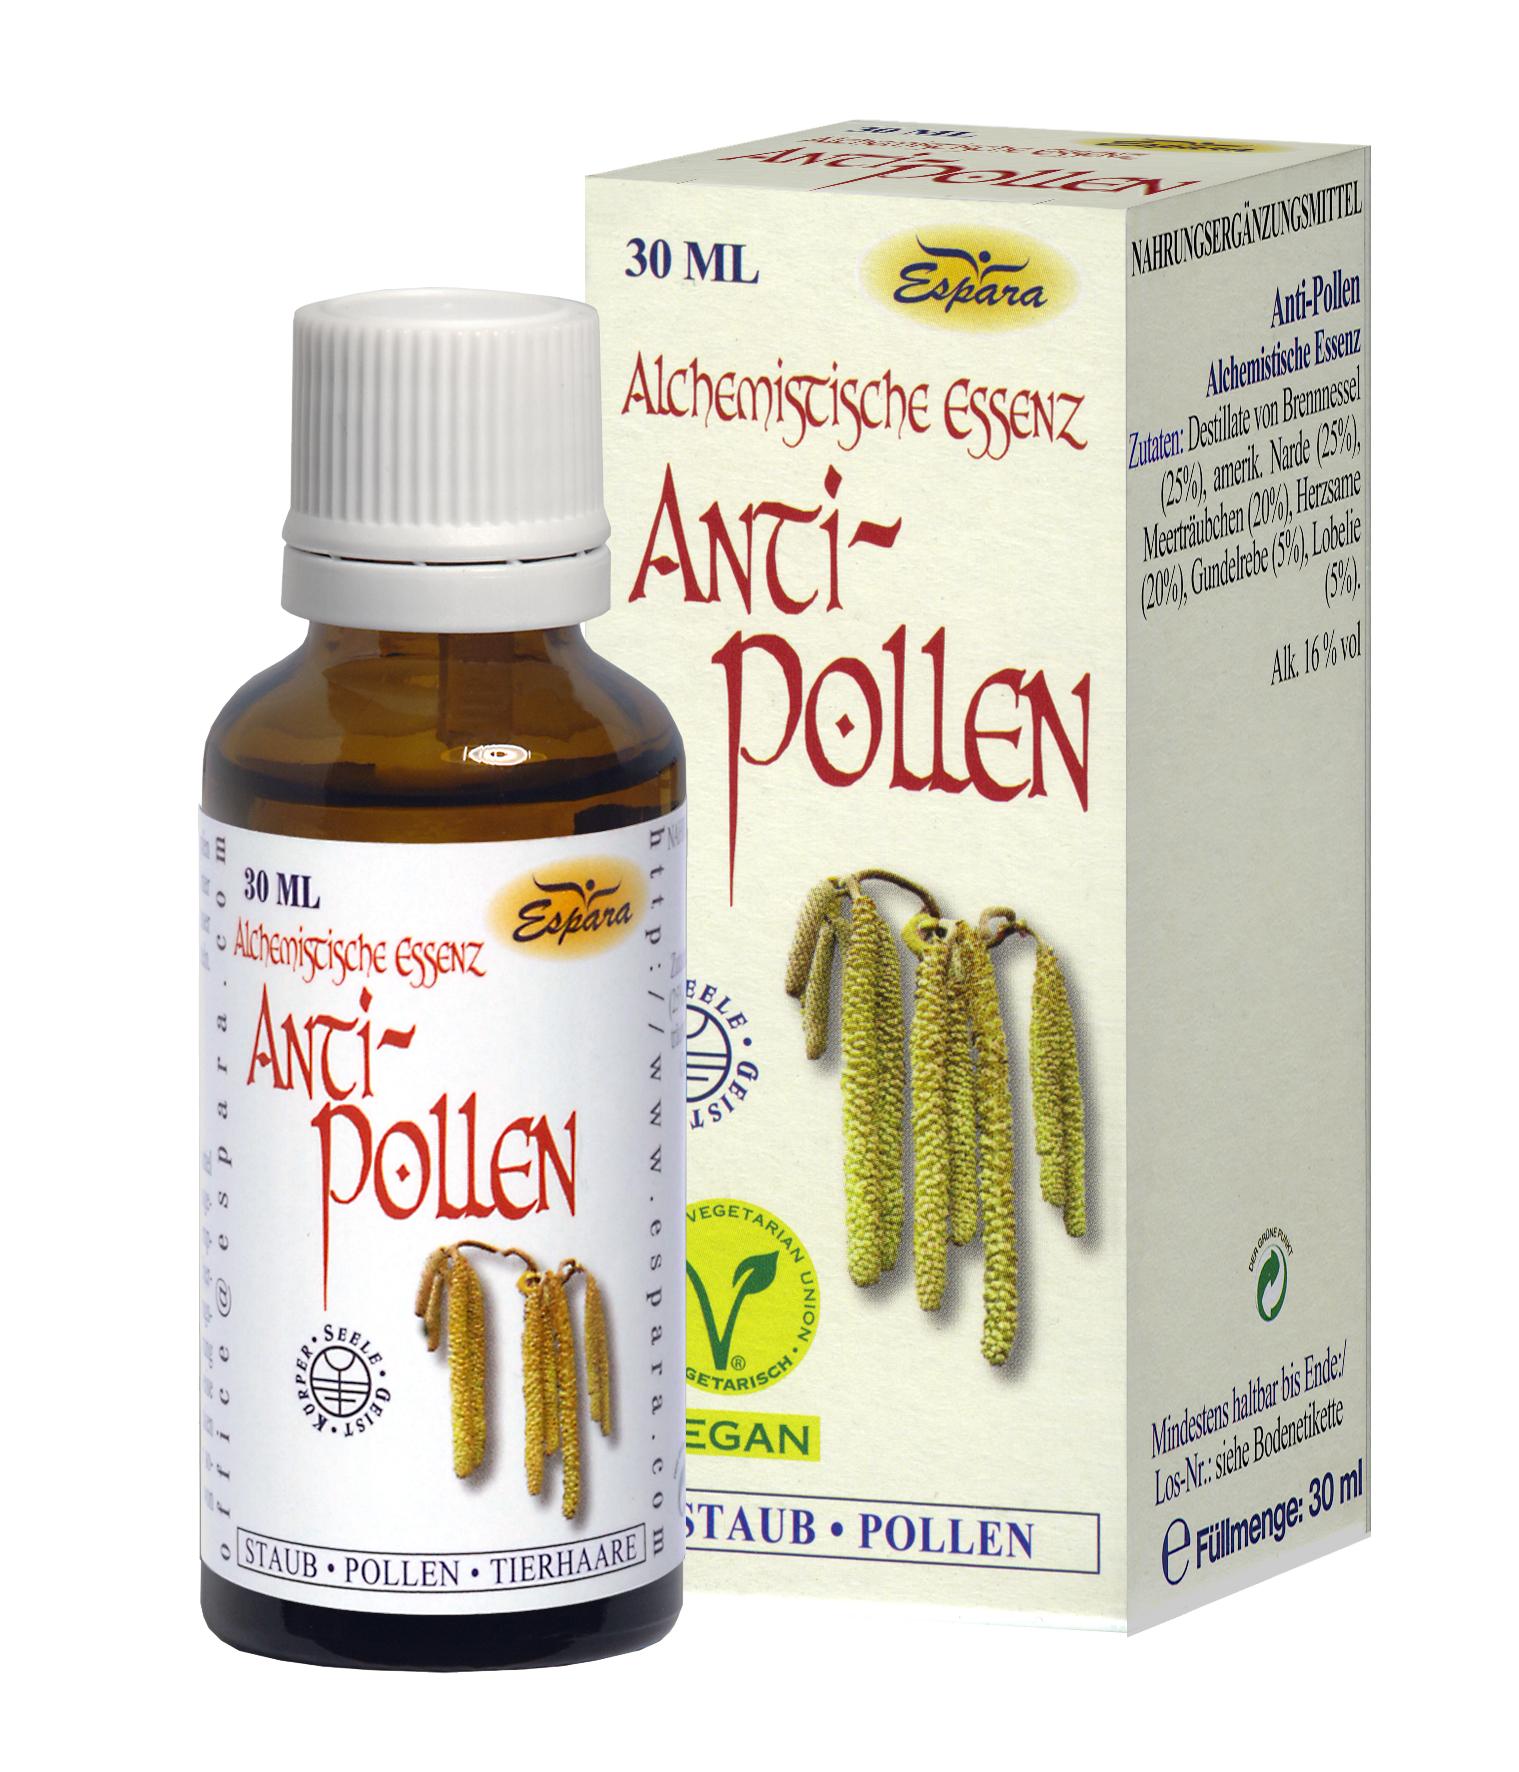 Espara Anti-Pollen Alchemistische Essenz